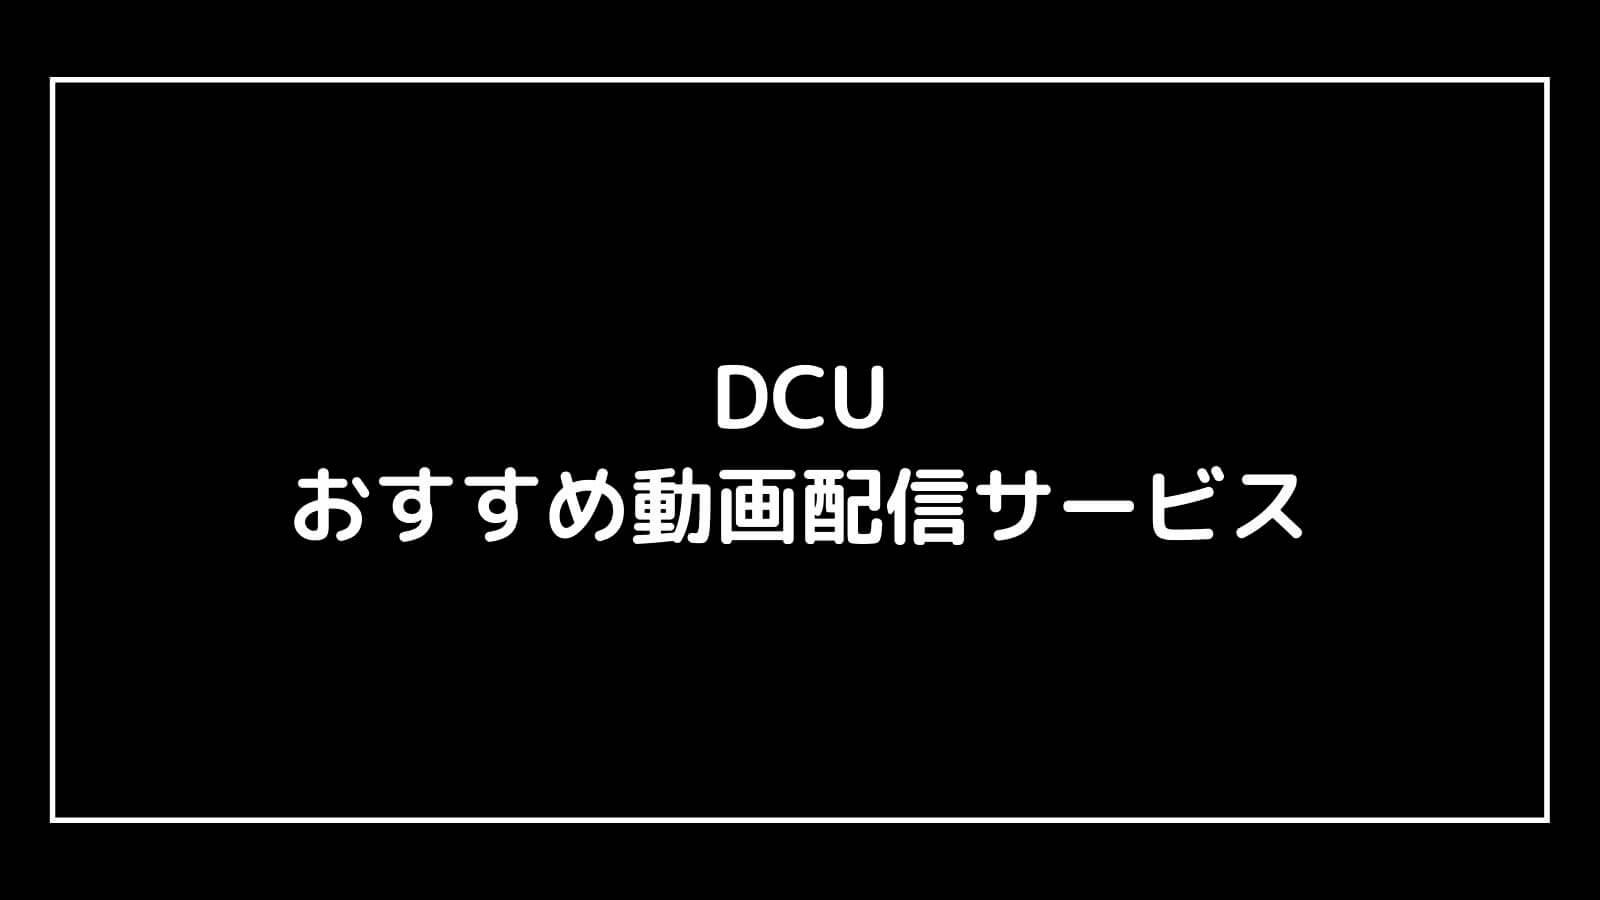 TBSドラマ『DCU』を無料視聴できる見逃し動画配信サブスクまとめ